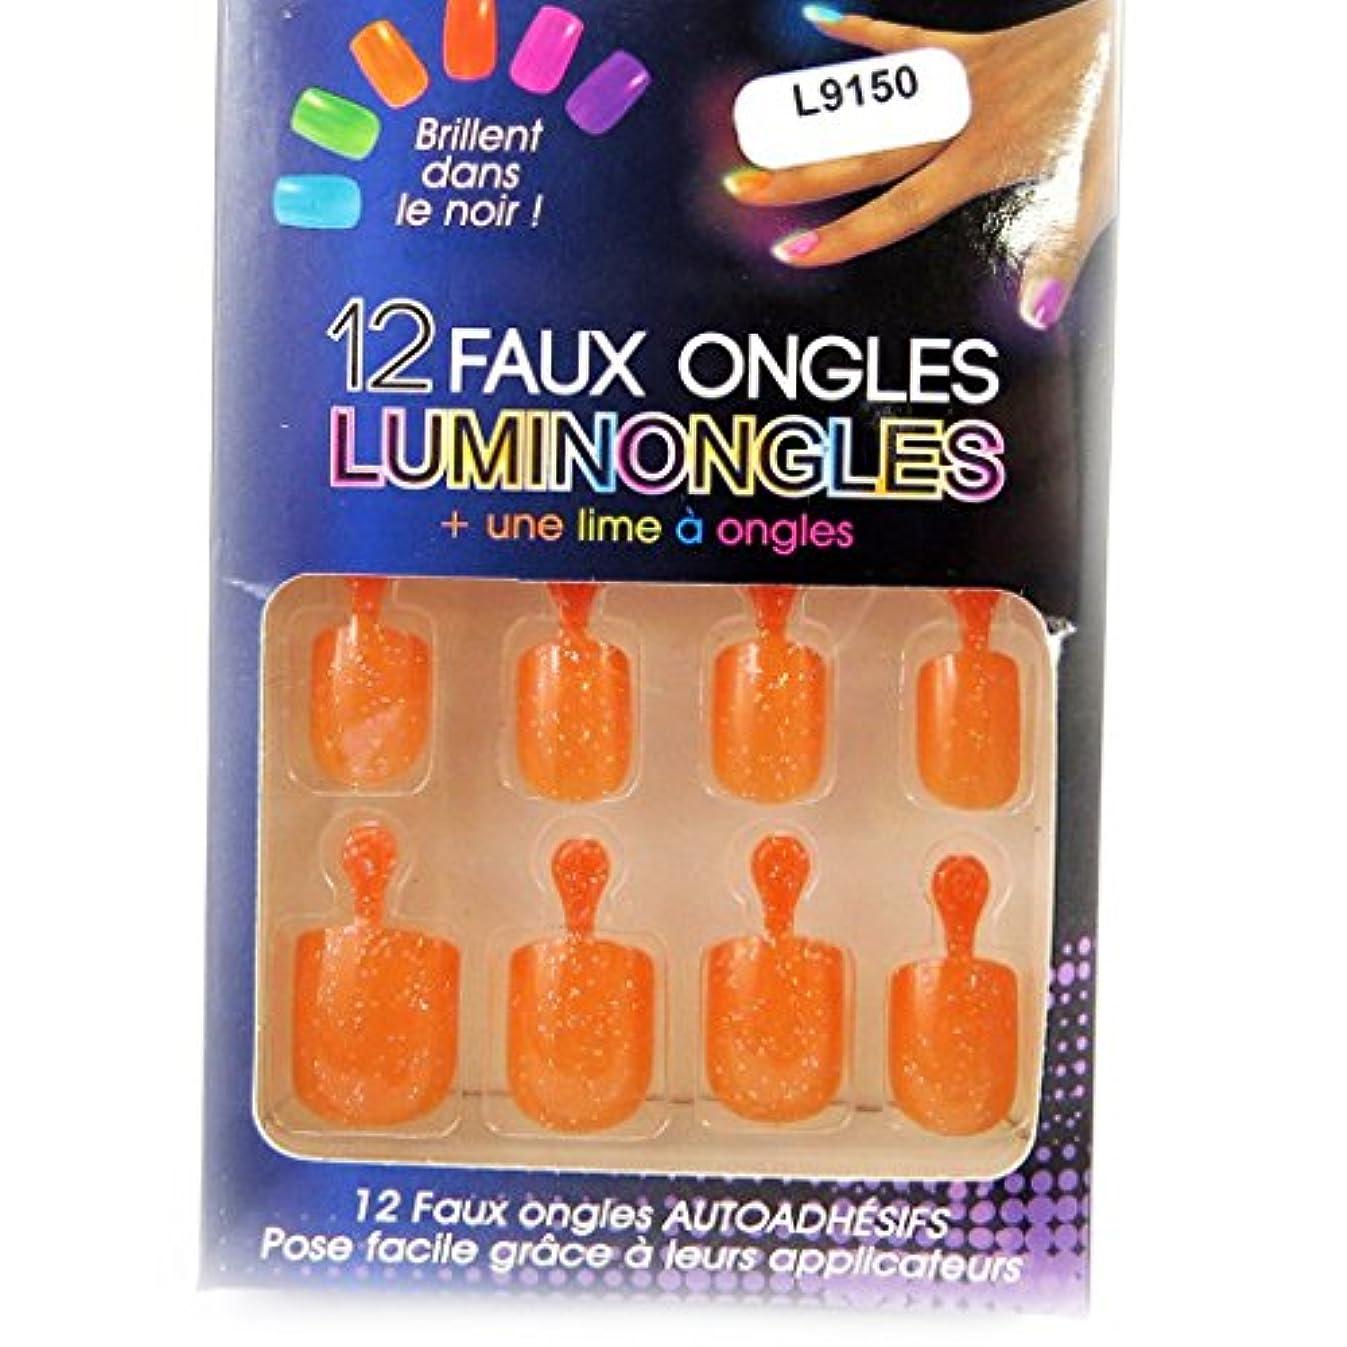 受信機マーチャンダイジング凍結[リリーの宝 (Les Tresors De Lily)] (Luminongles コレクション) [L9150] アクリルスカルプチュア オレンジ